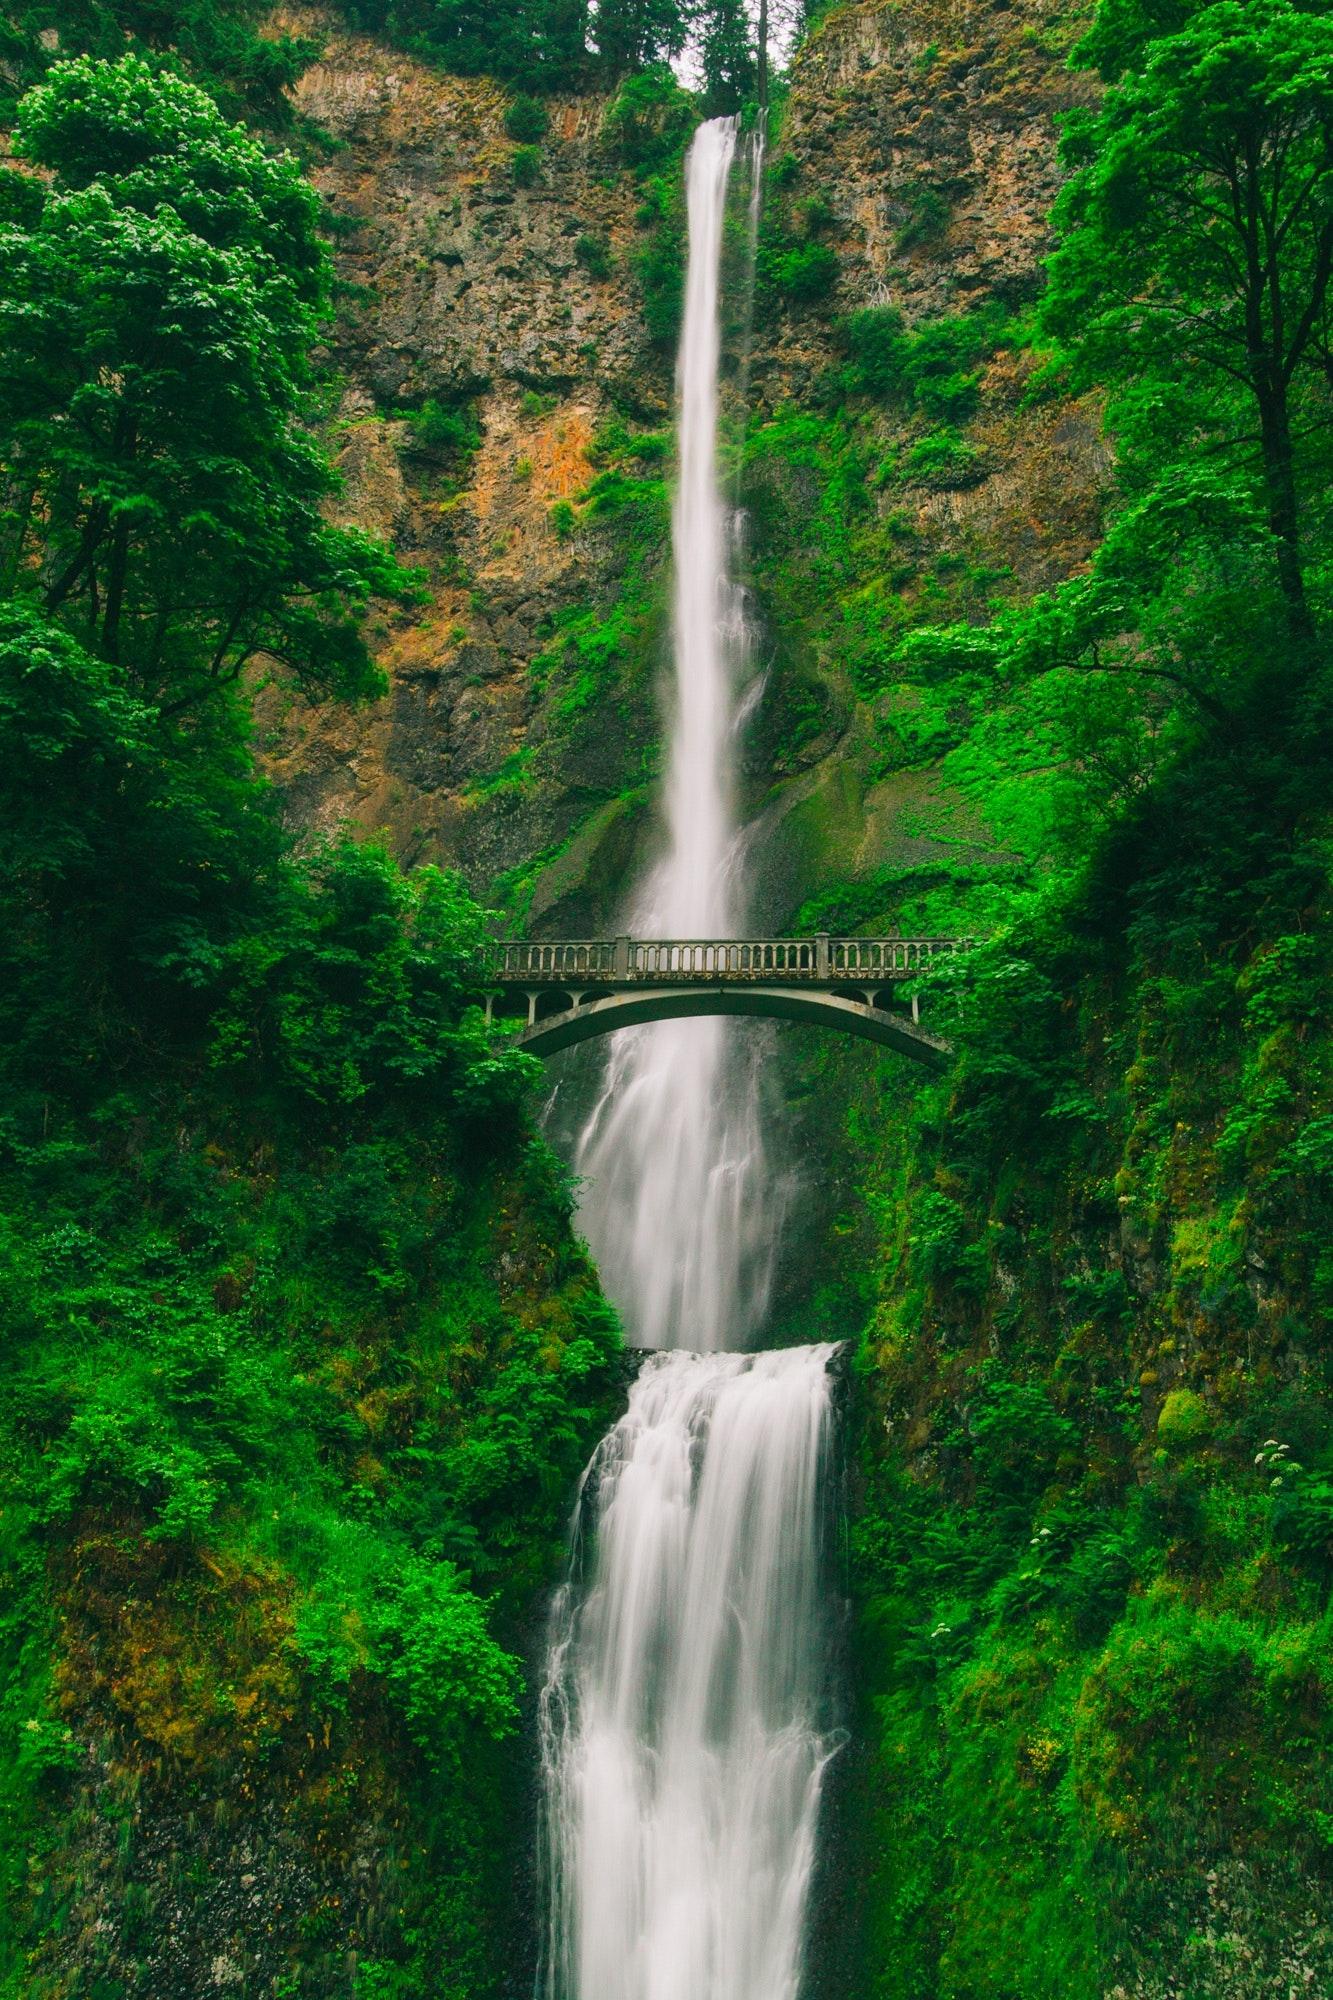 1000 Beautiful Natural Photos Pexels Free Stock Photos